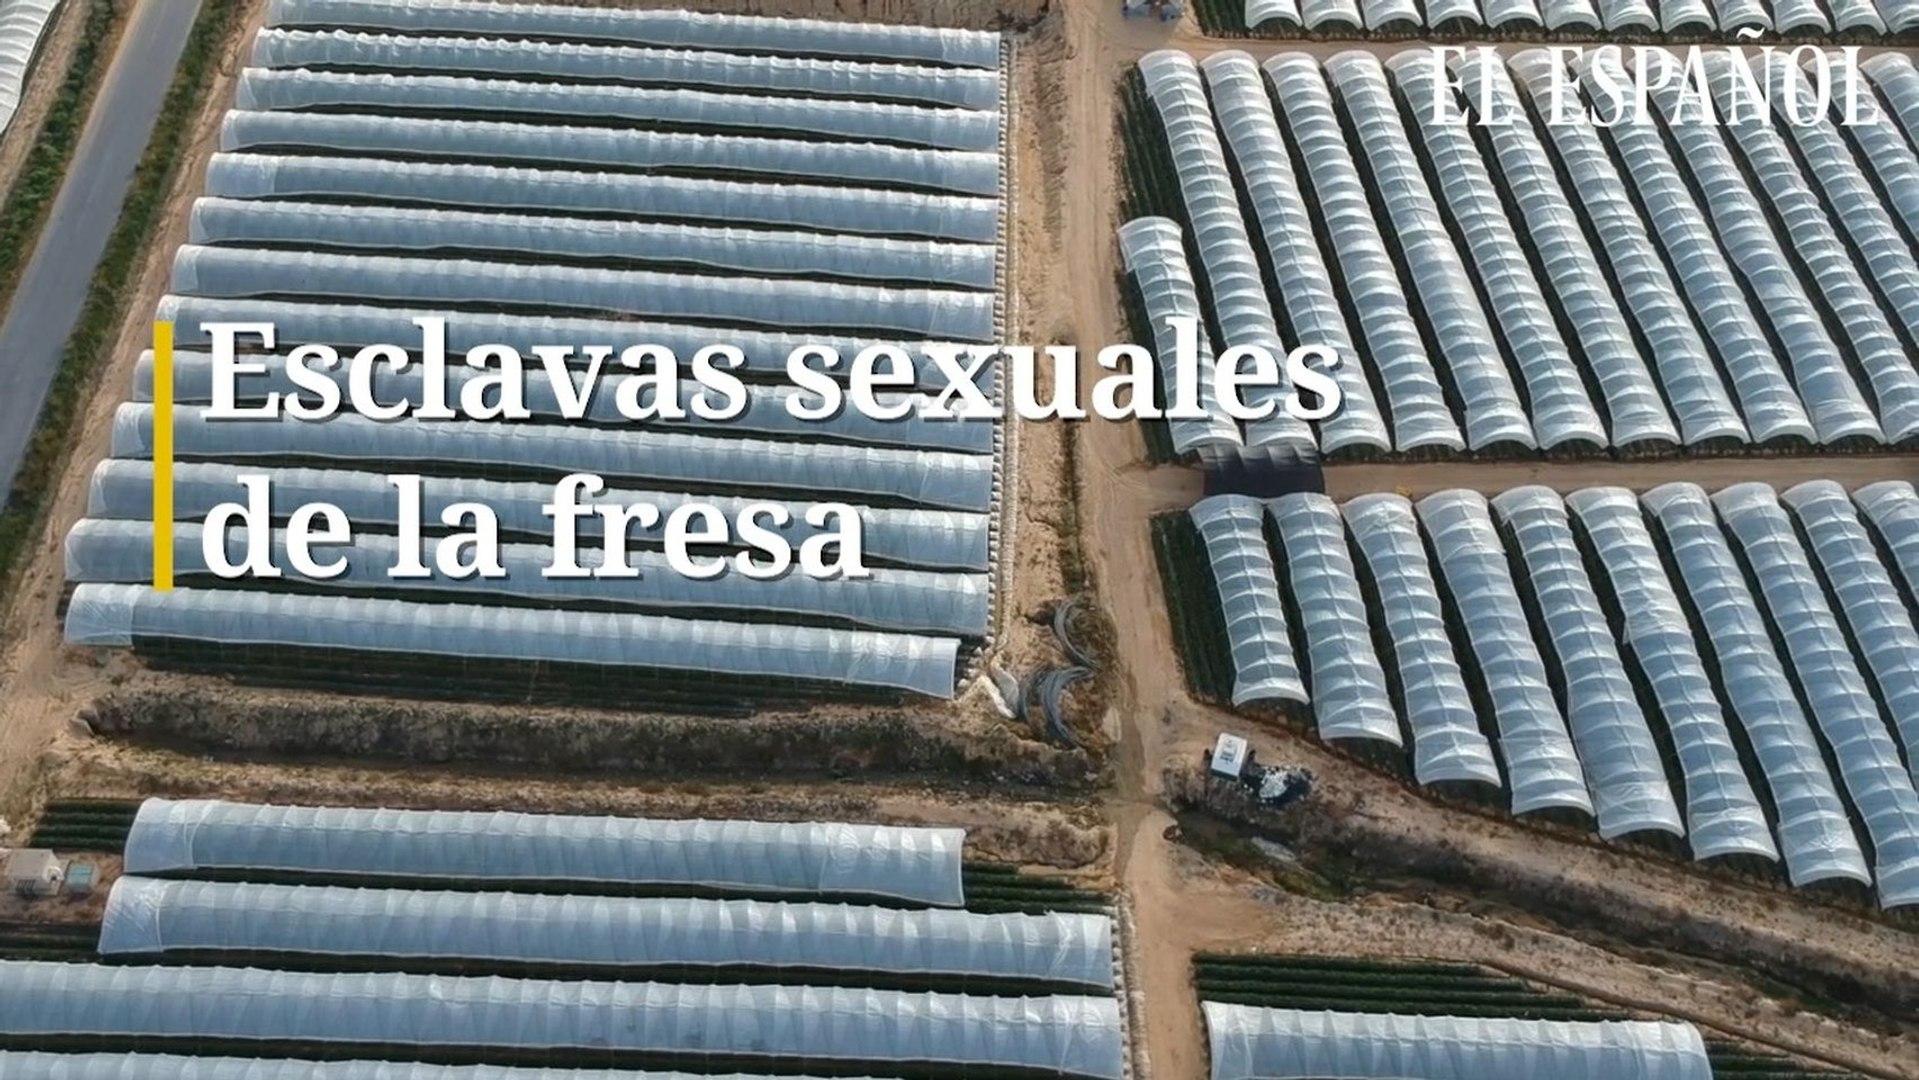 2 Esclavas Porno esclavas sexuales en los campos de la fresa en huelva